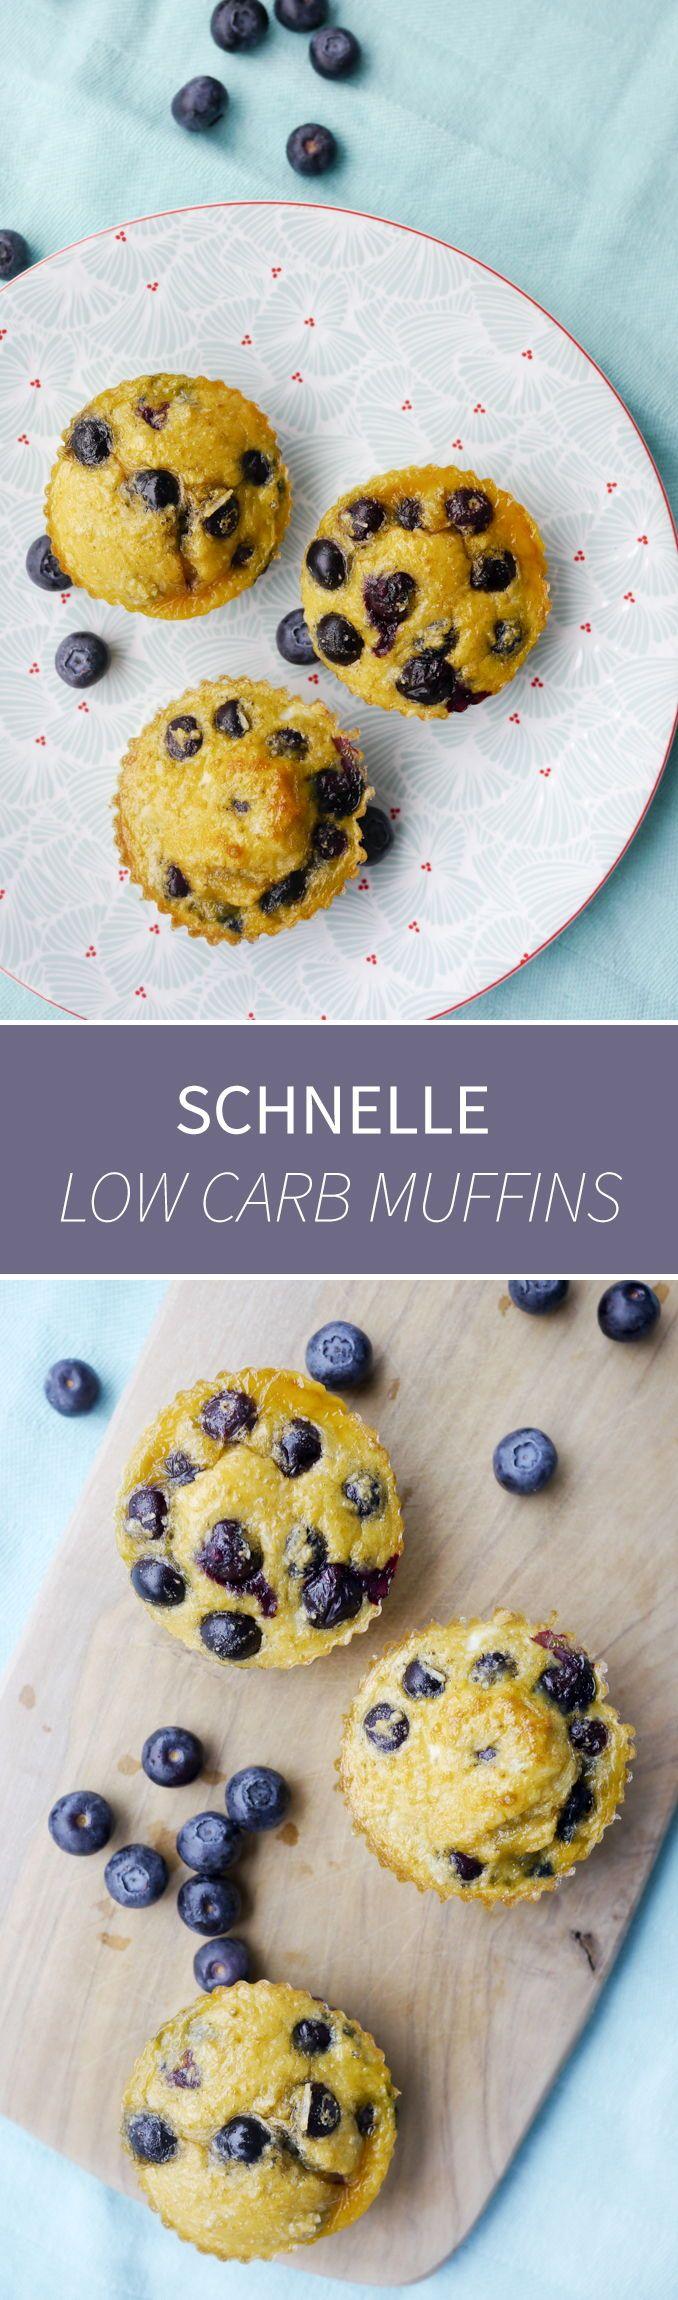 Schnelle Low Carb Muffins mit nur 5 Zutaten - Gaumenfreundin Foodblog #schnellerezepte #gesunderezepte #lowcarbrezepte #süßerezepte #muffinrezepte #muffins #lowcarbmuffins